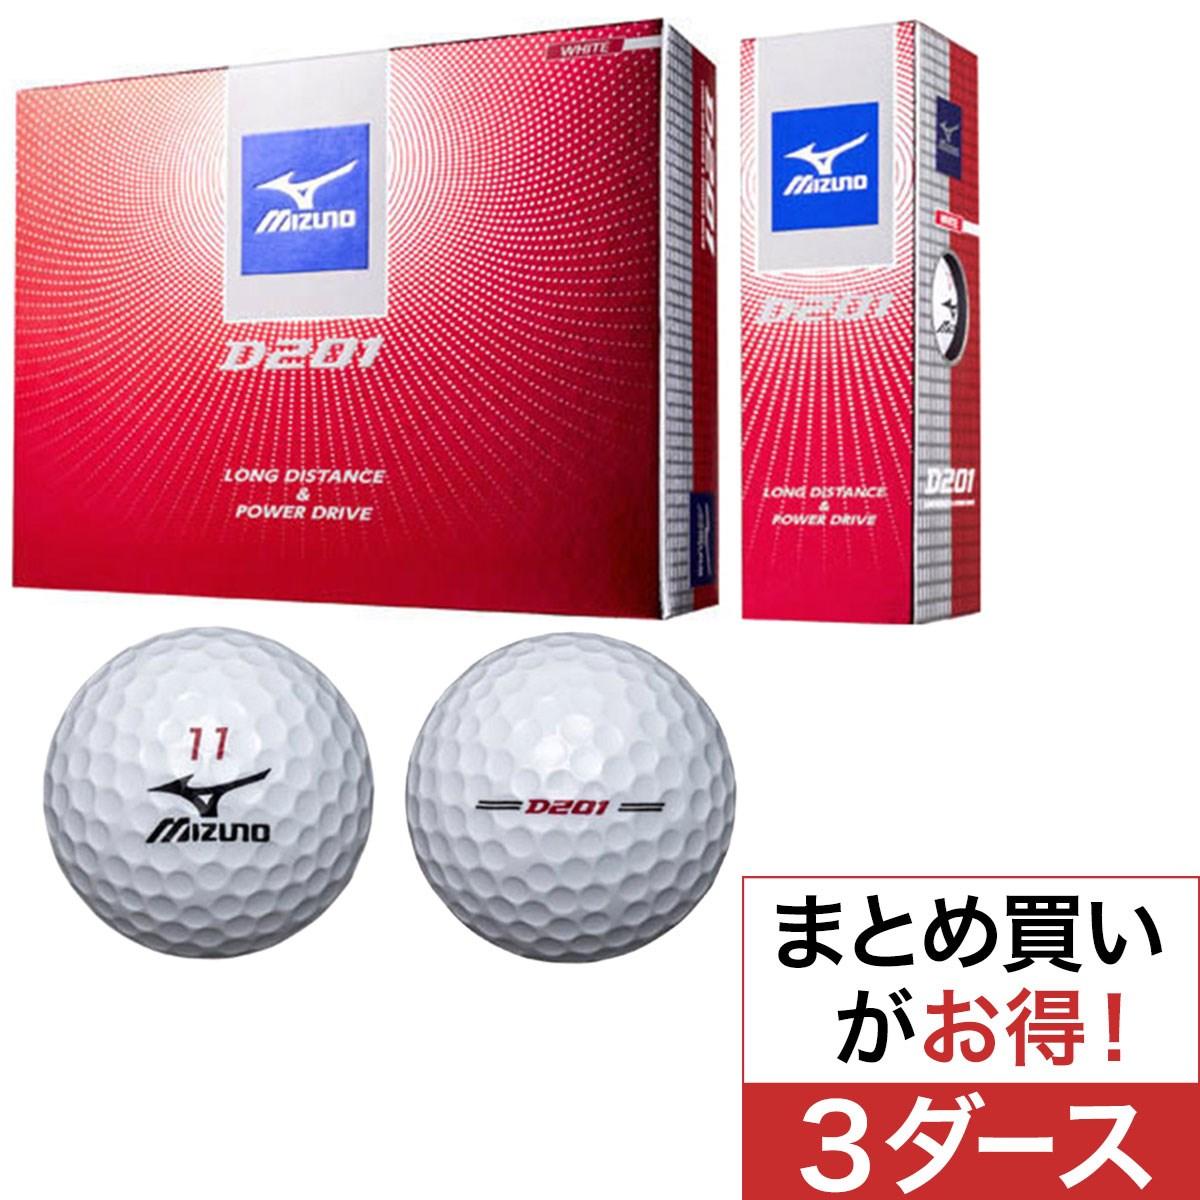 ミズノ(MIZUNO) D201 ボール 3ダースセット